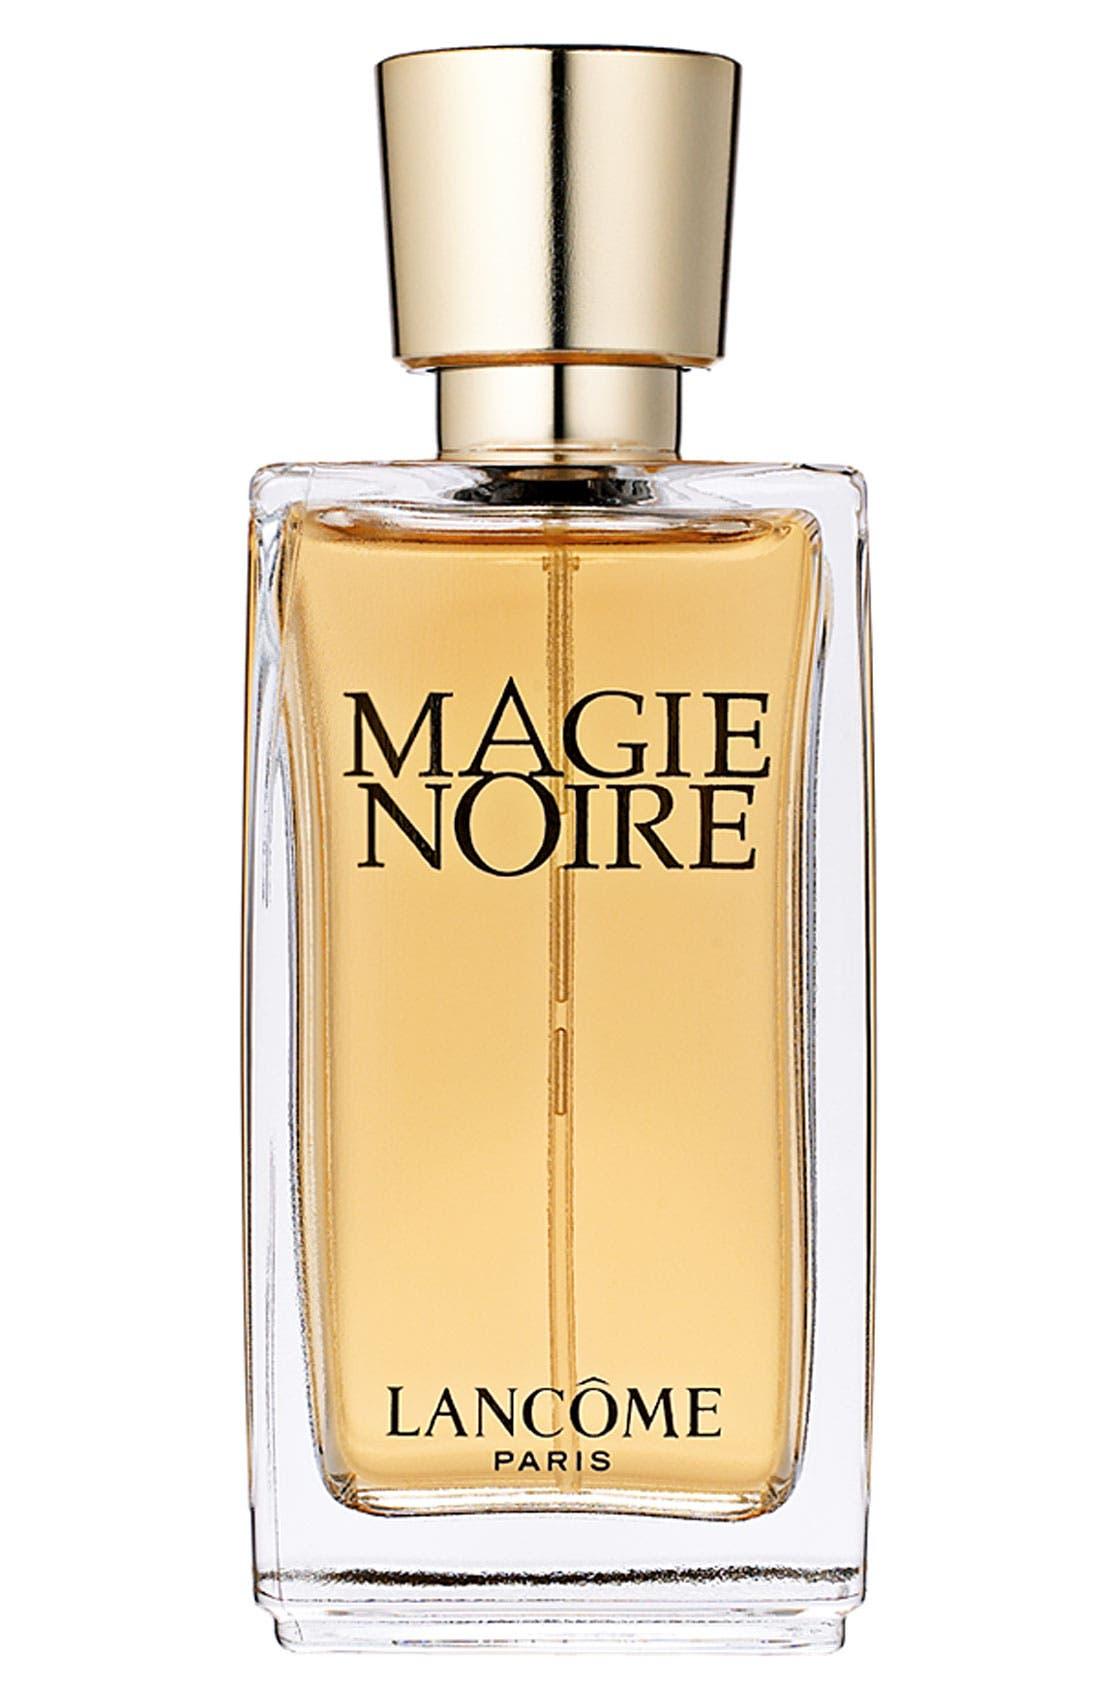 Lancôme Magie Noire Eau de Toilette Natural Spray